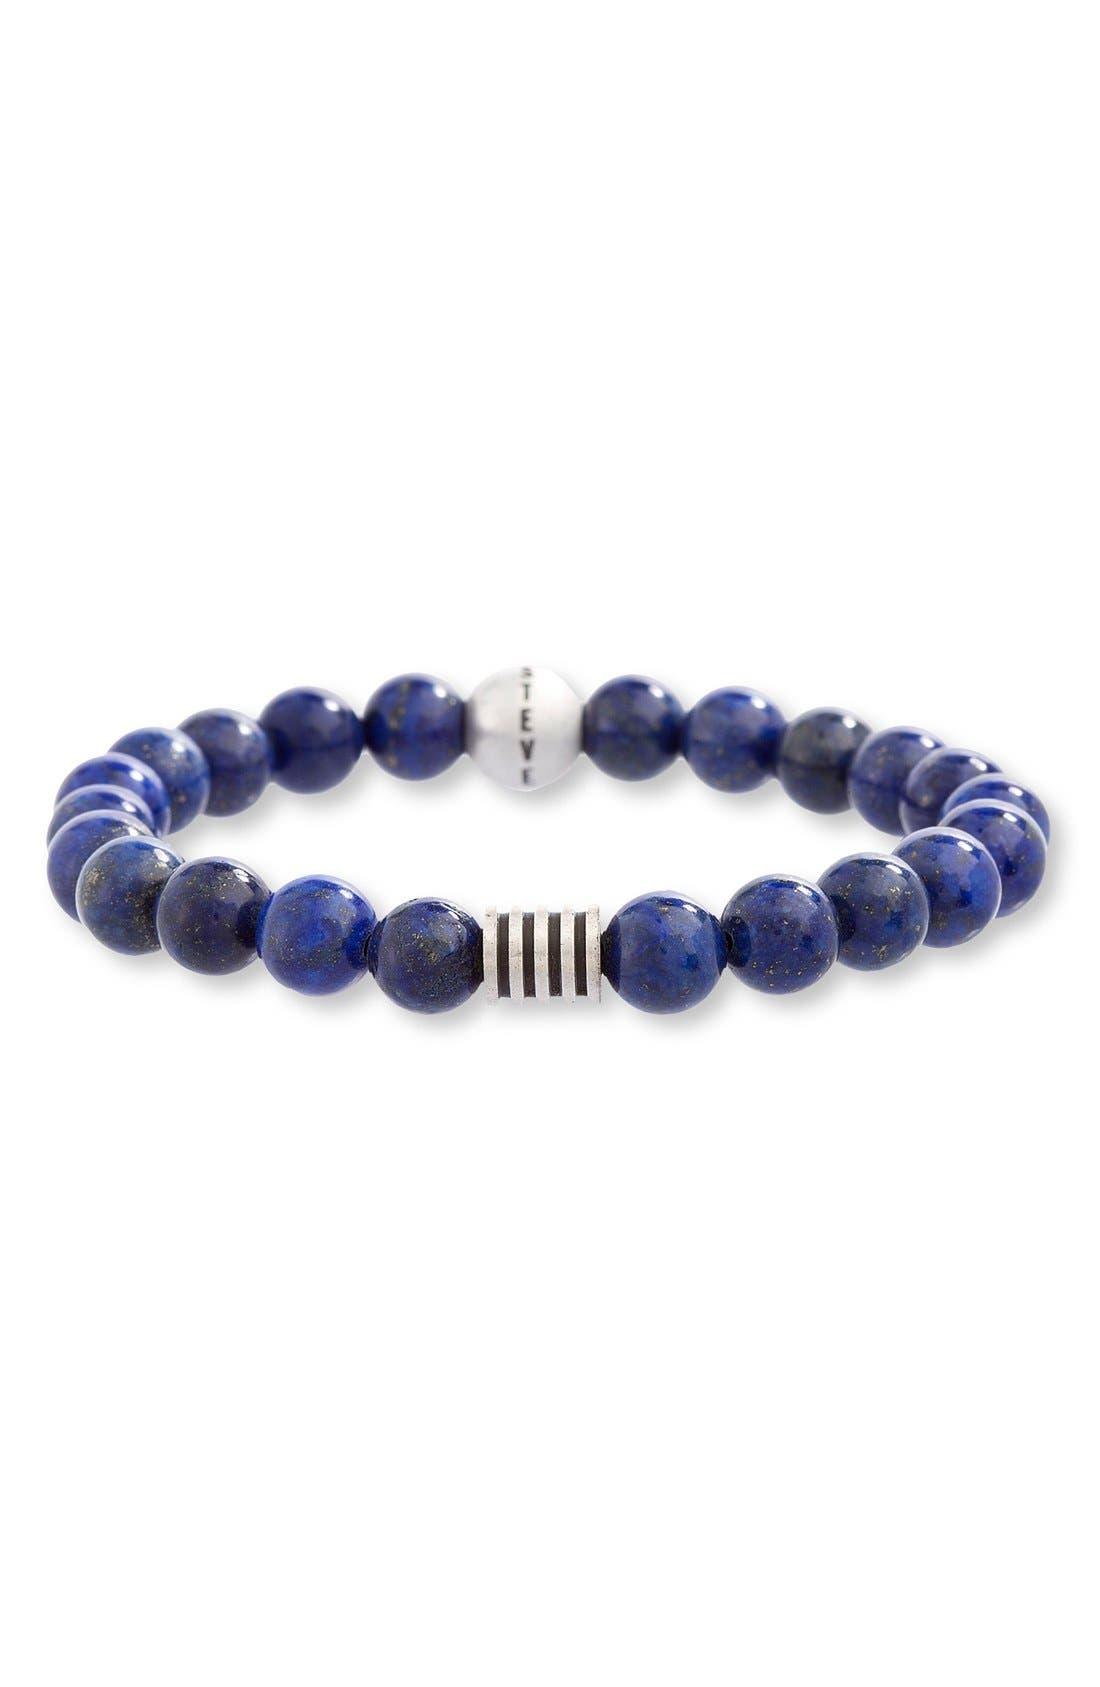 Alternate Image 1 Selected - Steve Madden Lapis Lazuli Bead Bracelet